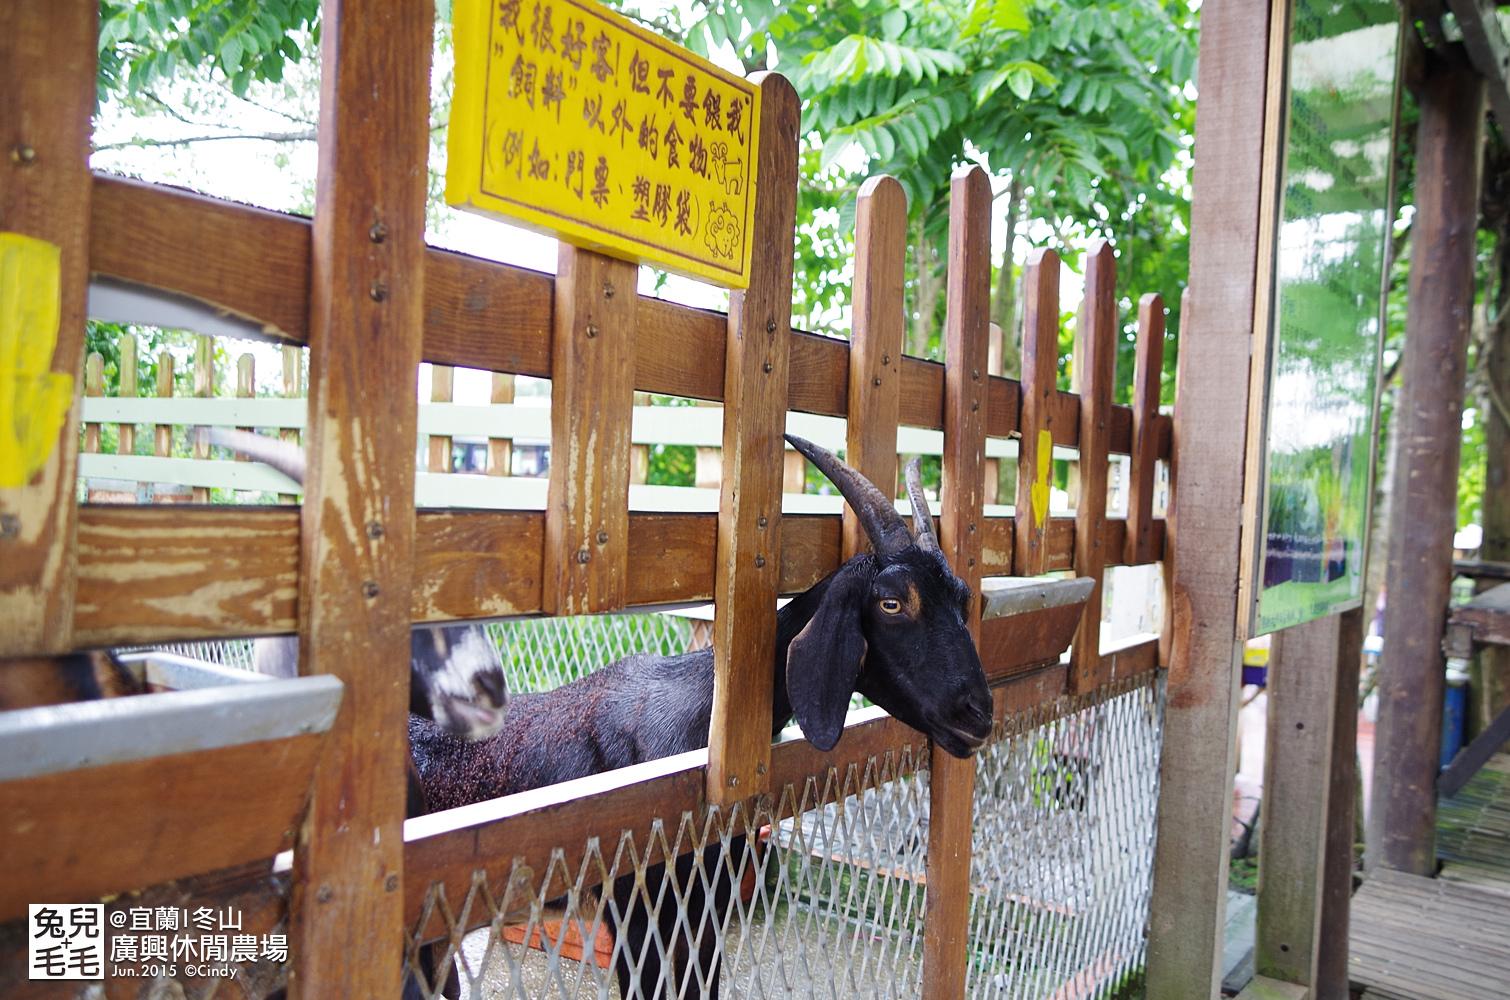 2015-0607-廣興農場-54.jpg